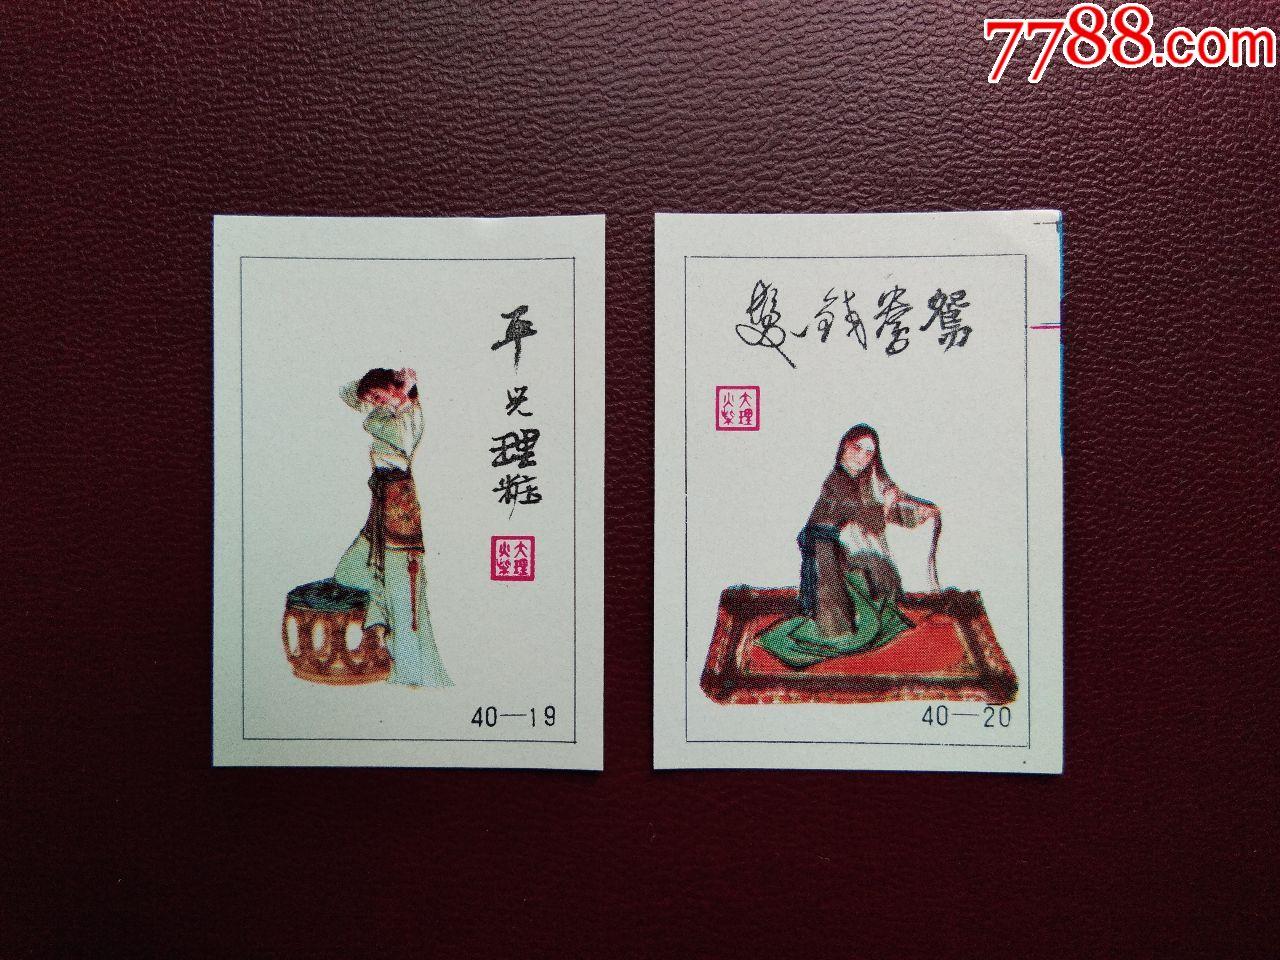 《石头记人物画》----刘旦宅作品,40枚整套火柴盒贴花